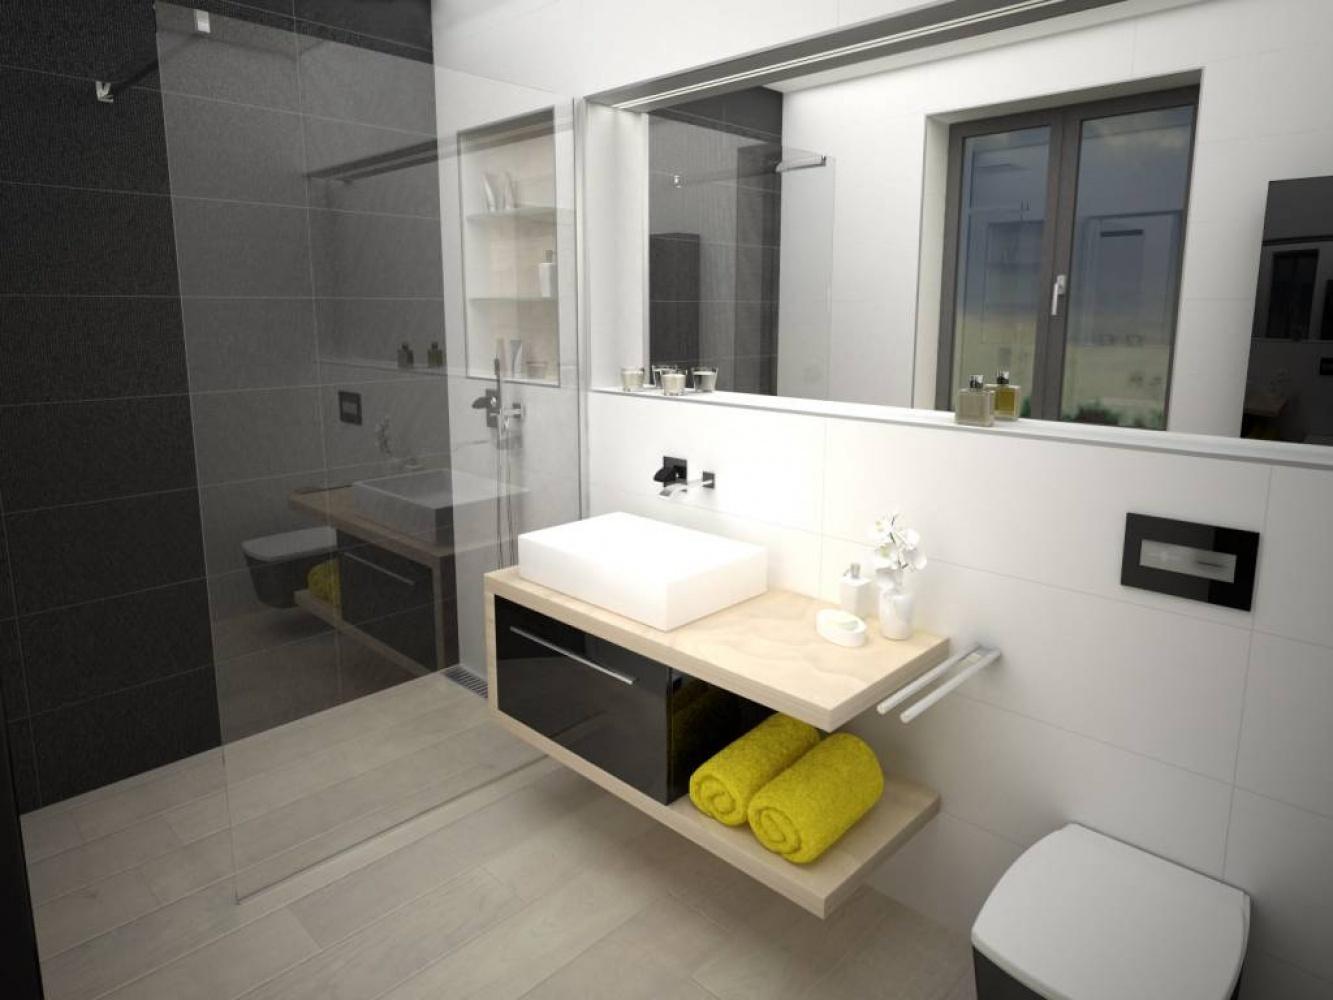 Půdní byt 1+1, plocha 48 m², ulice Lumírova, Praha 2 - Vyšehrad, cena 3 490 000 Kč | 1